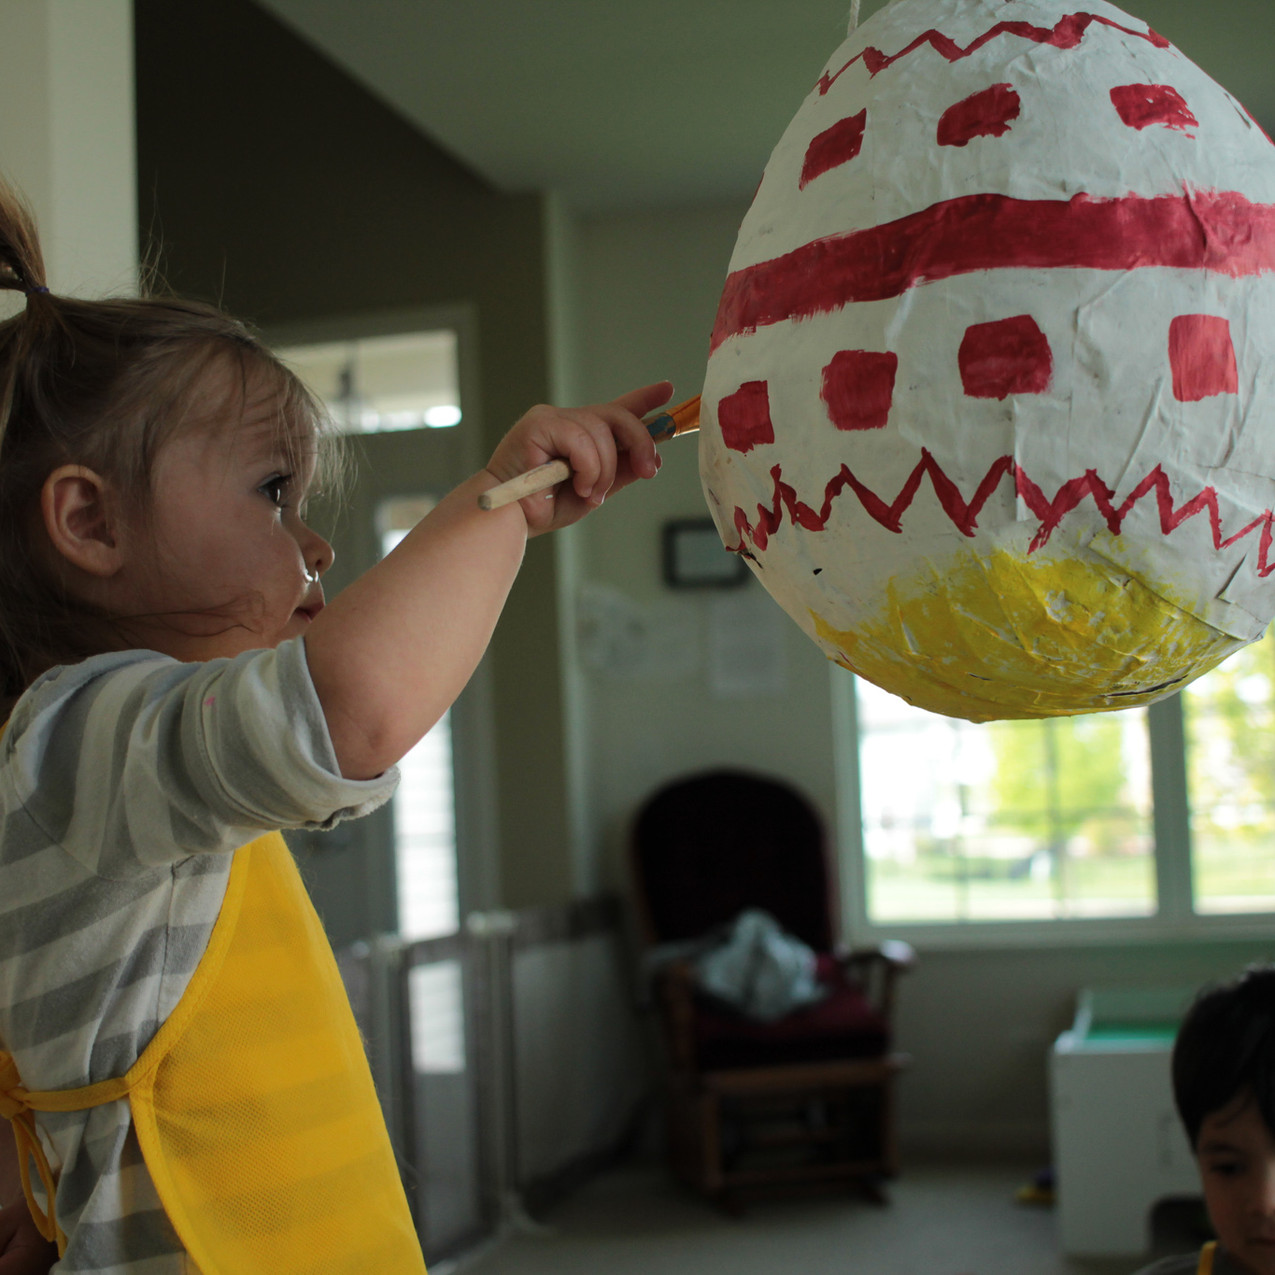 Piñata Preparations